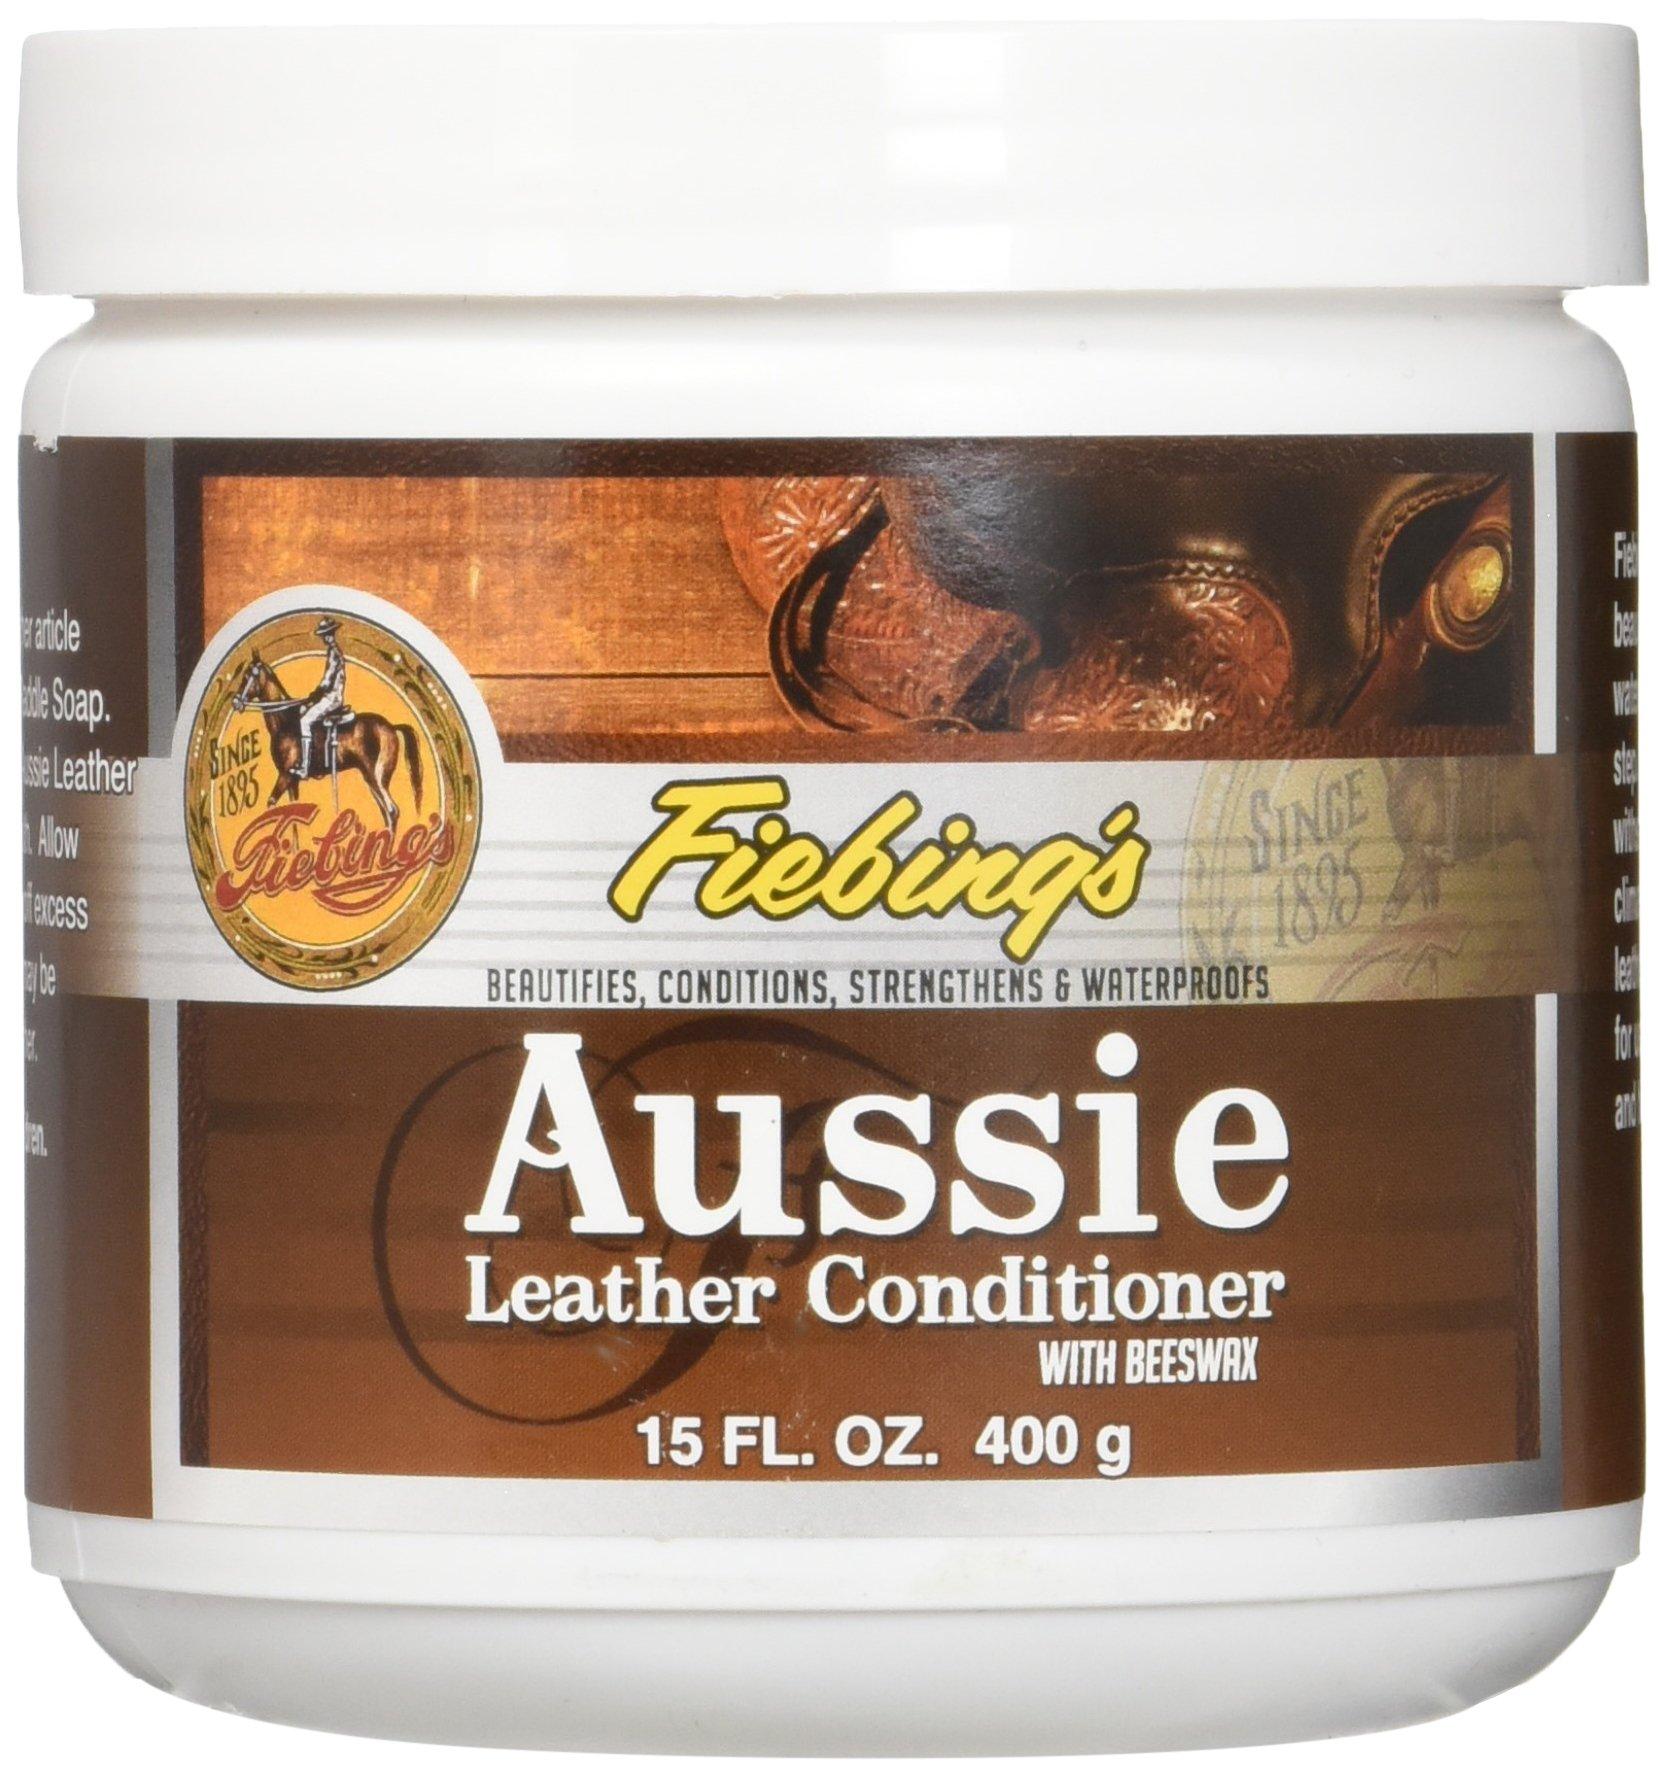 Fiebing's Aussie Leather Conditioner by Fiebing's